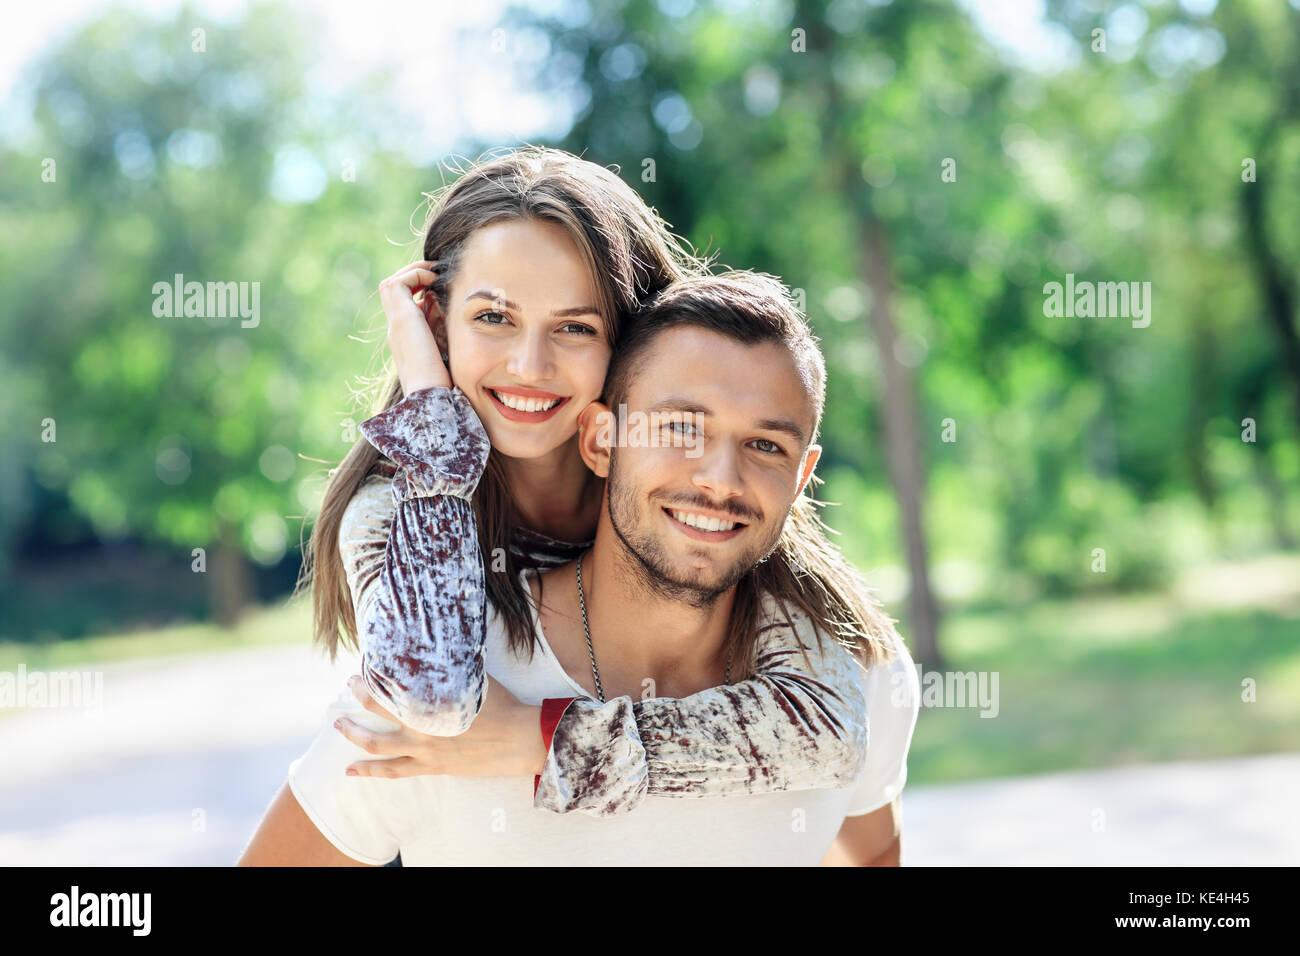 Los amantes al aire libre retrato de un hombre y una mujer joven feliz mirando a la cámara. Chica sonriente piggyback Foto de stock